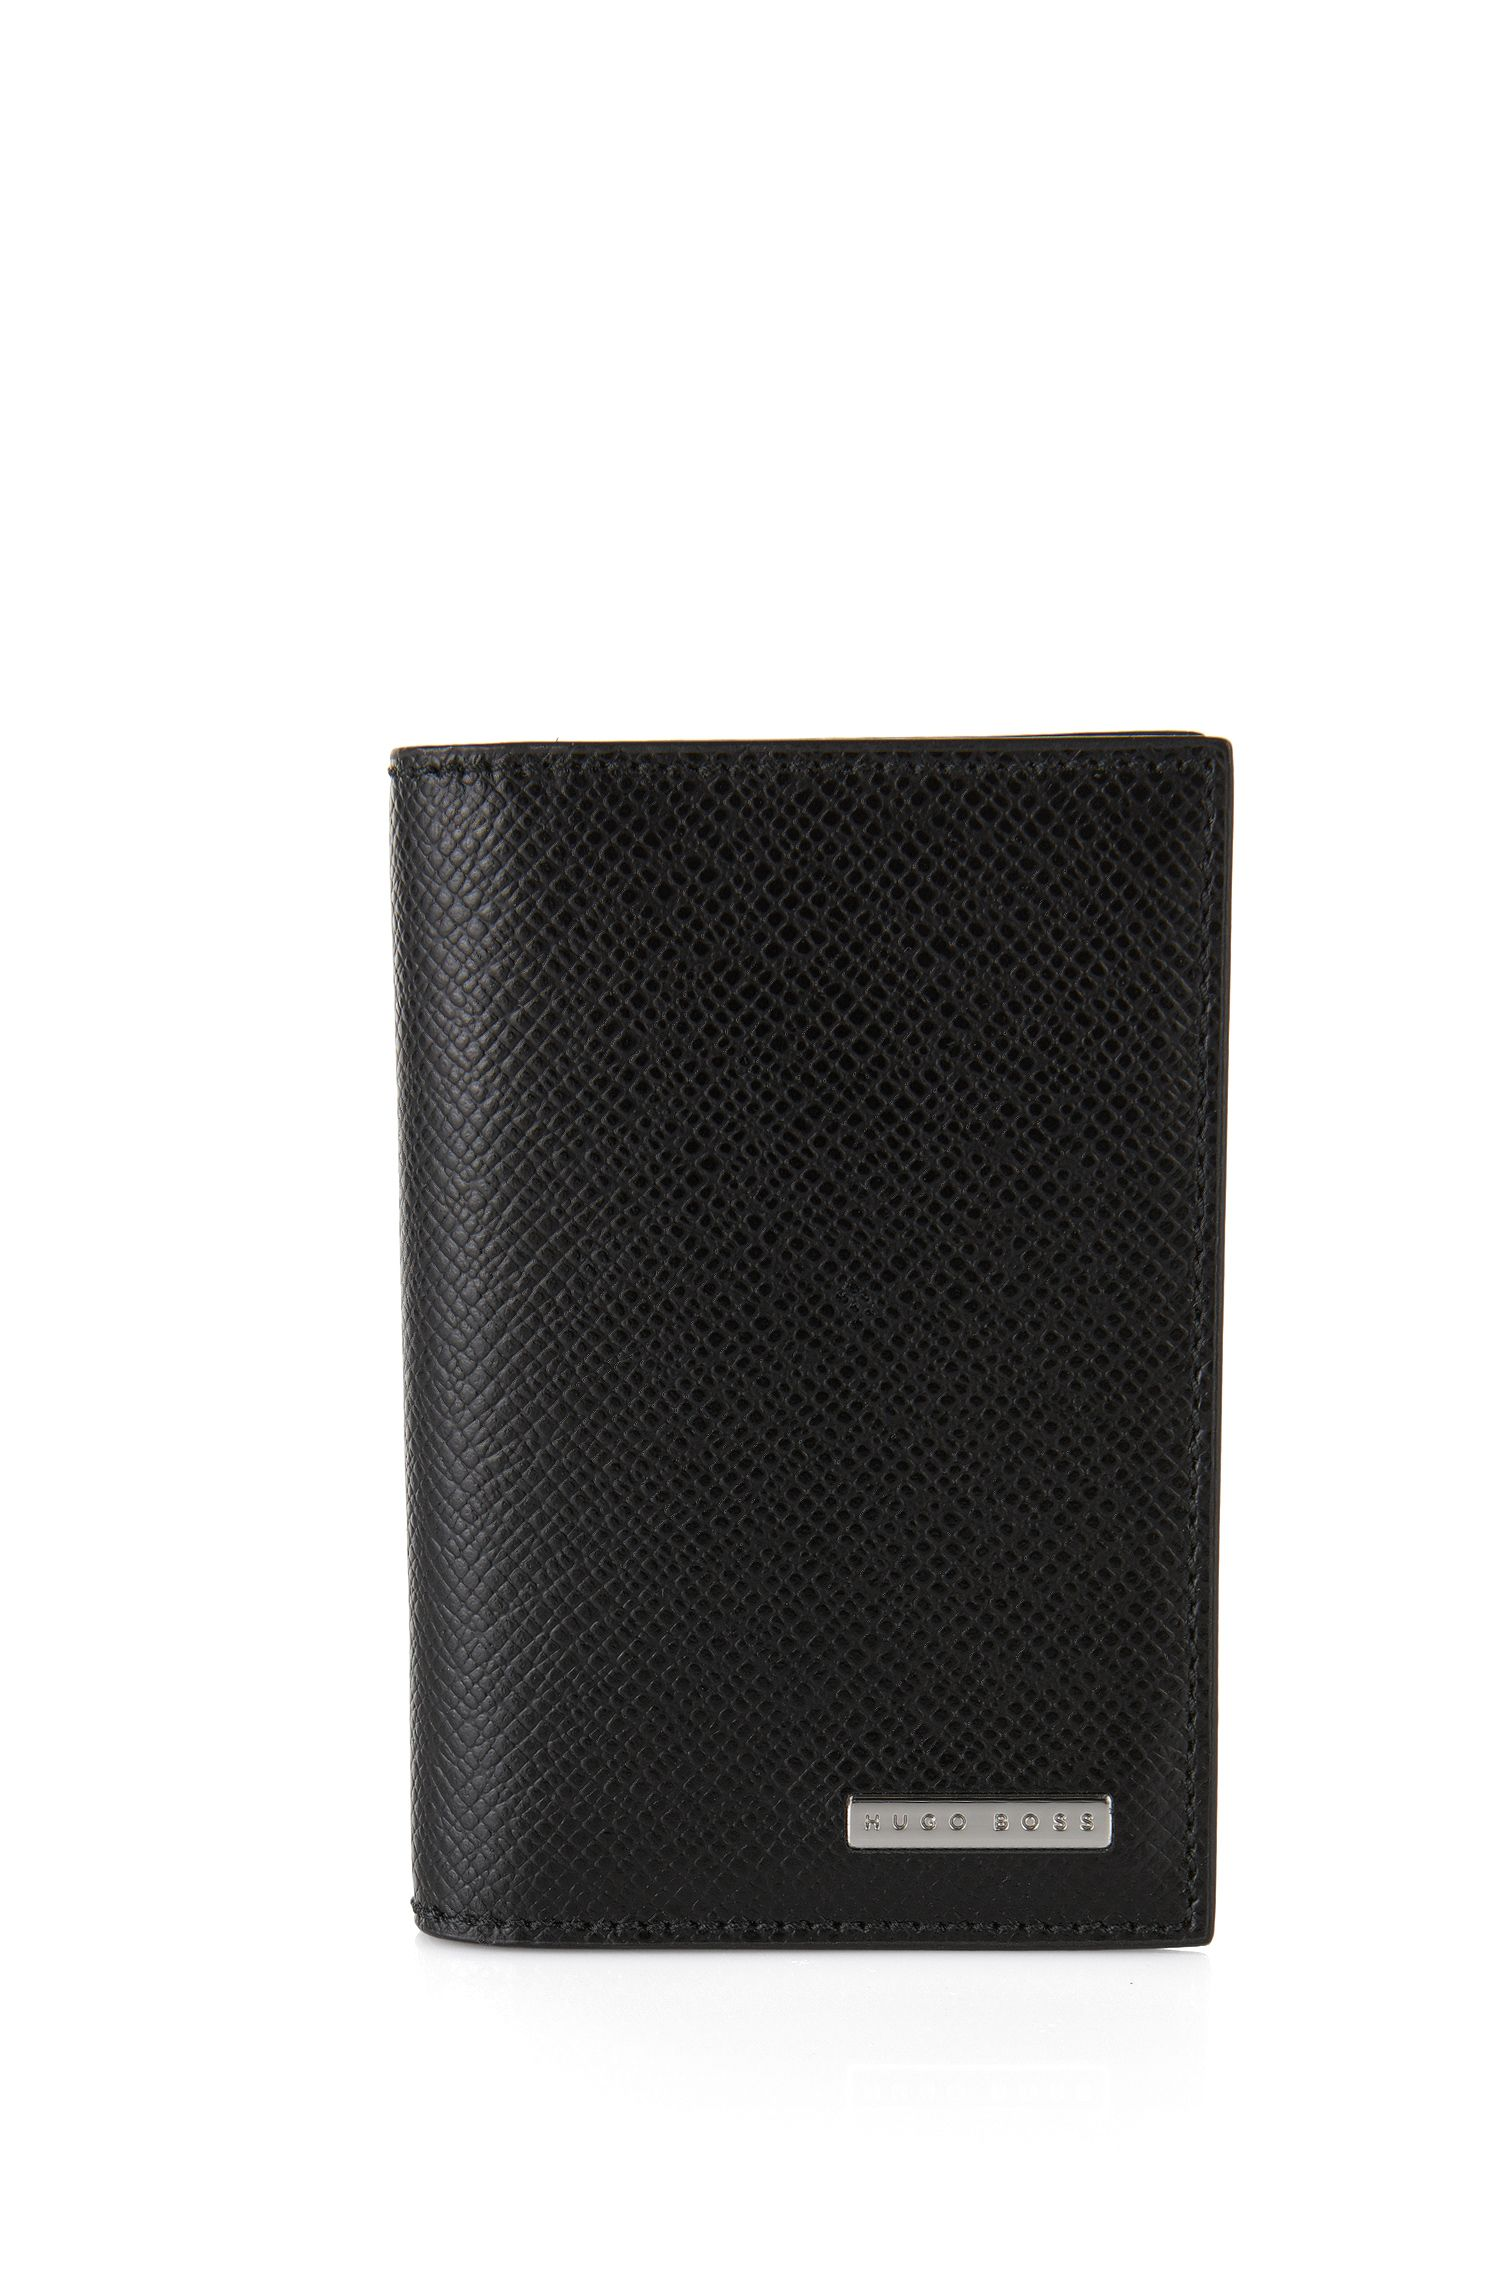 Pequeña cartera plegable en piel palmellato de la colección Signature